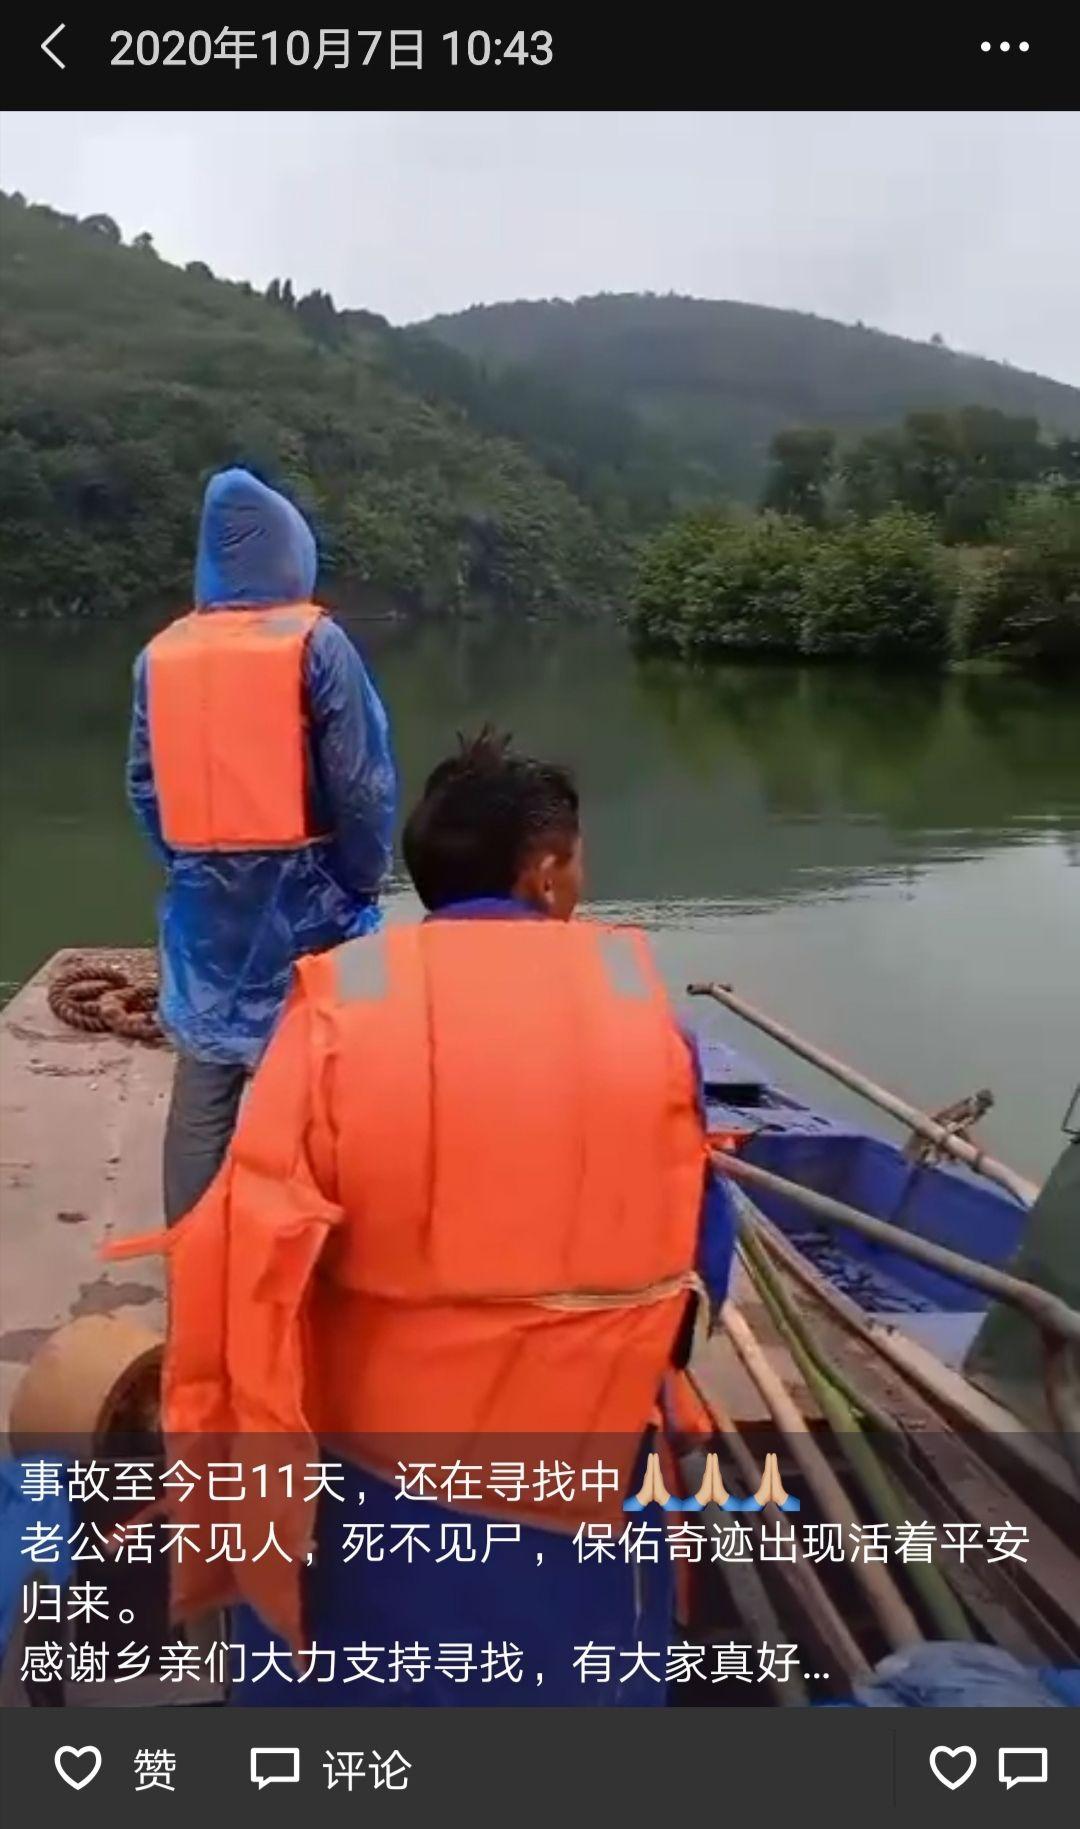 湖南新宁一渔船沉没致两死,官方:夫夷江禁捕,已成立专案调查组图片